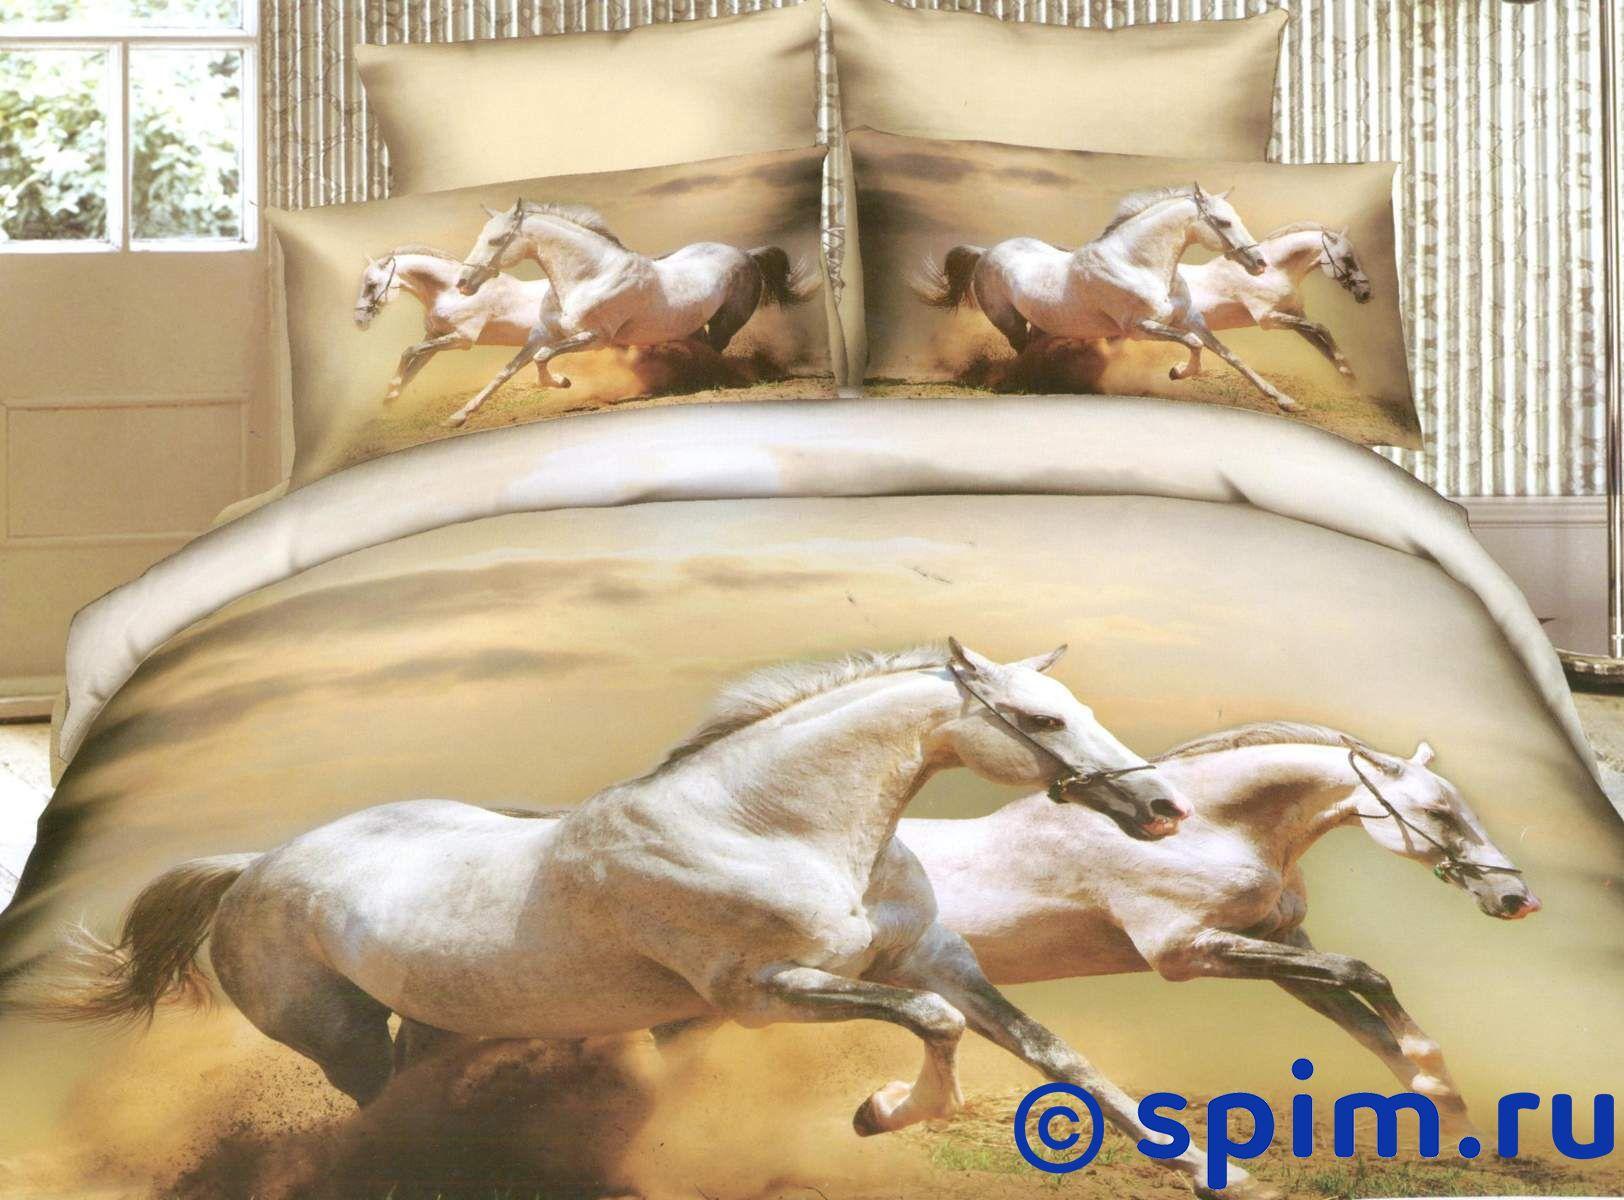 Комплект СайлиД G101 2 спальноеСатиновое постельное белье СайлиД с фотопечатью<br>Материал: 100% хлопок (сатин, фотопечать). Плотность, г/м2: 130. Размер Sailid Г: 2 спальное<br><br>Размер: 2 спальное